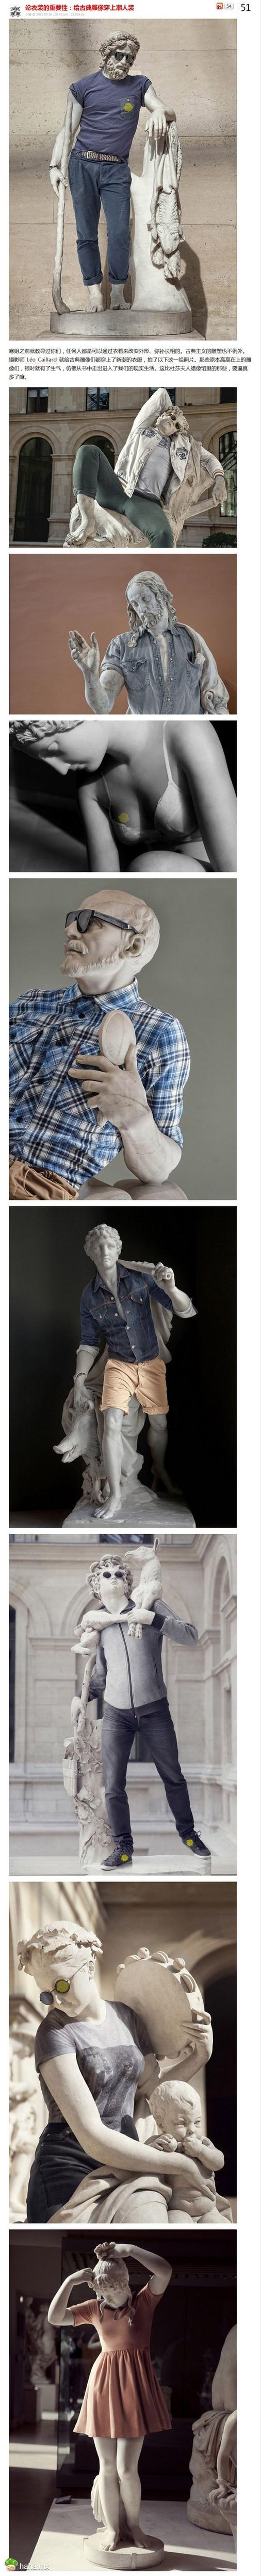 【七分靠打扮】论衣装的重要性:给古典雕像穿上潮人装